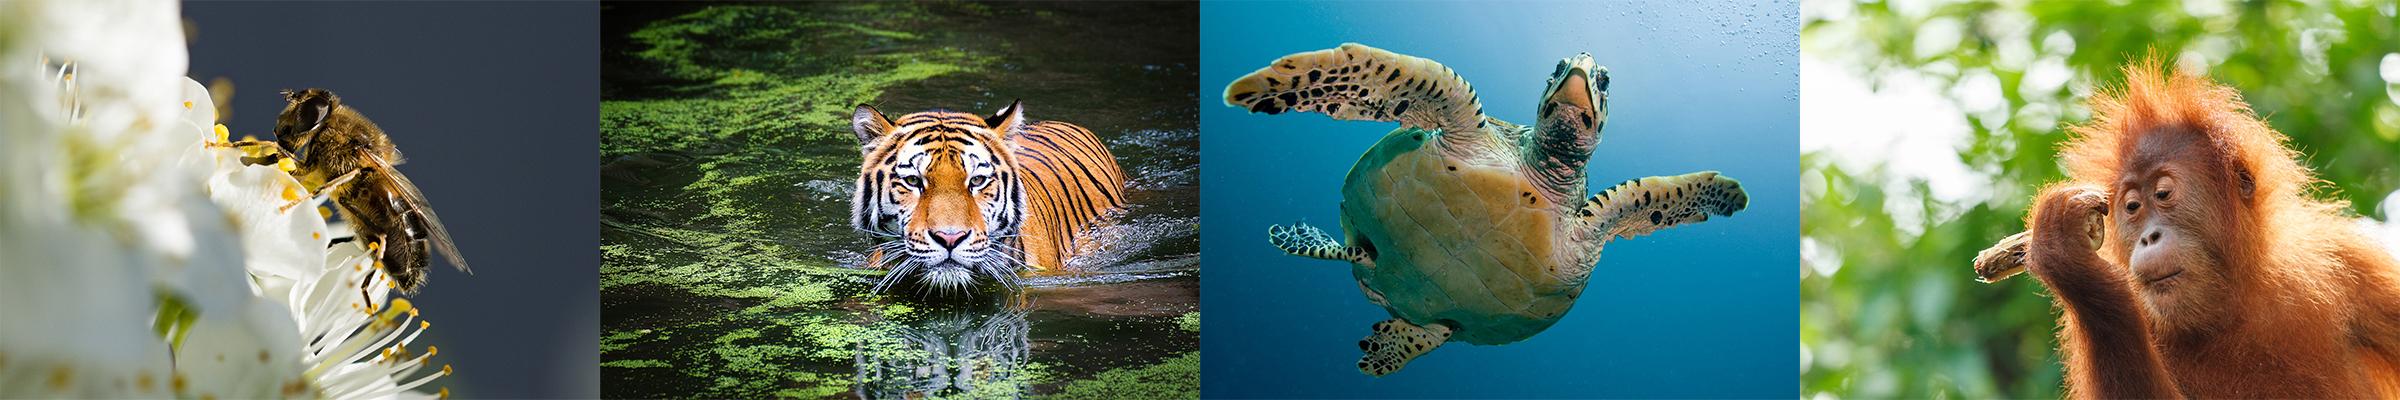 protect wildlife